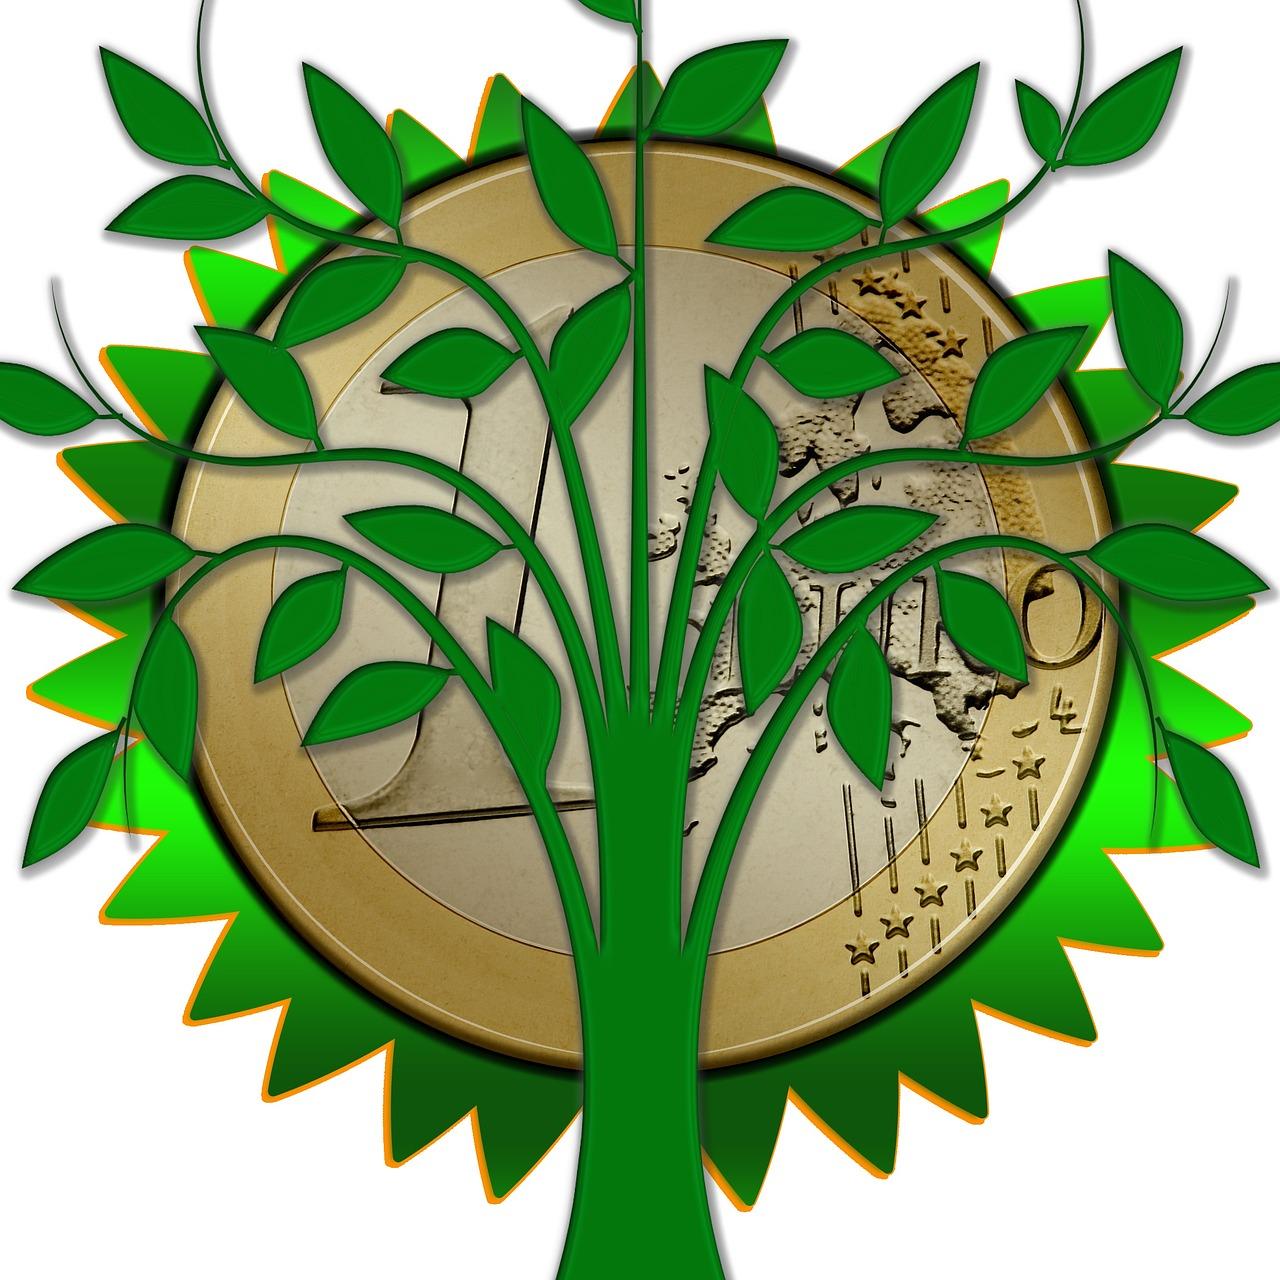 многие люди эмблема на экологическую тему картинки осень сетку фото клиент